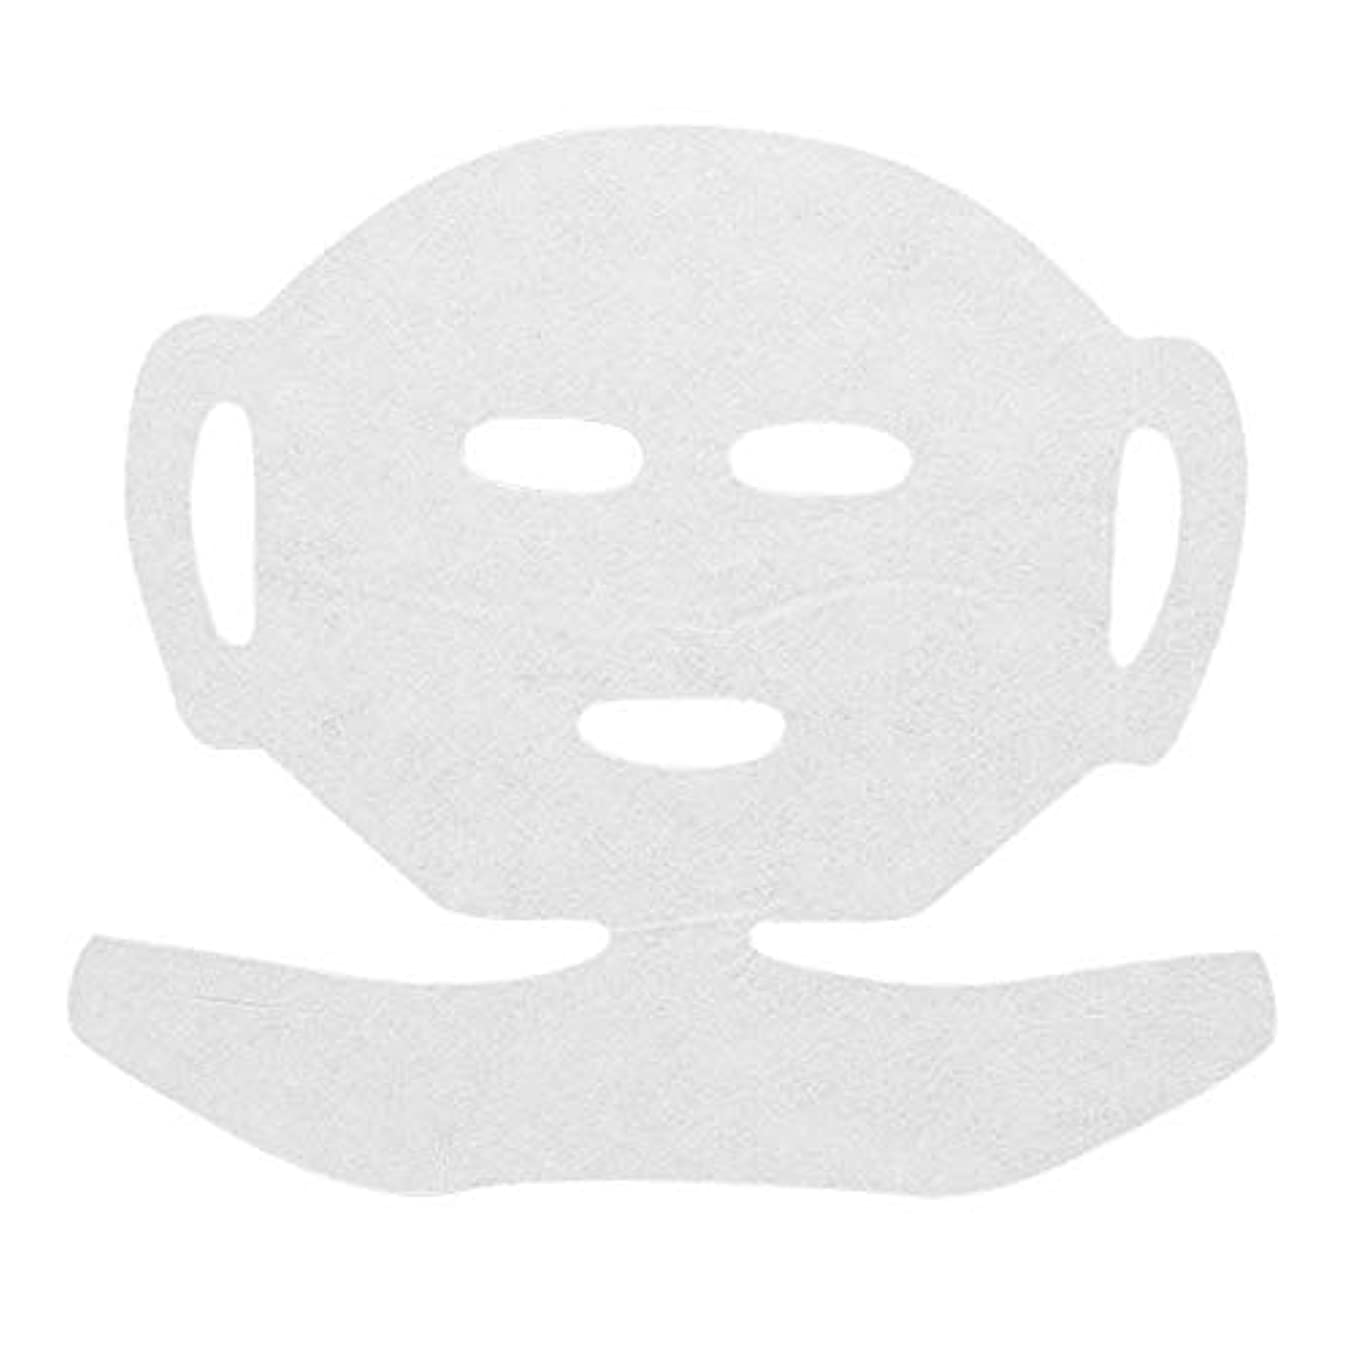 ビタミン貯水池バッグ高保水 フェイシャルシート (マスクタイプネック付き 化粧水無し) 80枚 29×20cm [ フェイスマスク フェイスシート フェイスパック フェイシャルマスク シートマスク フェイシャルシート フェイシャルパック ローションマスク...